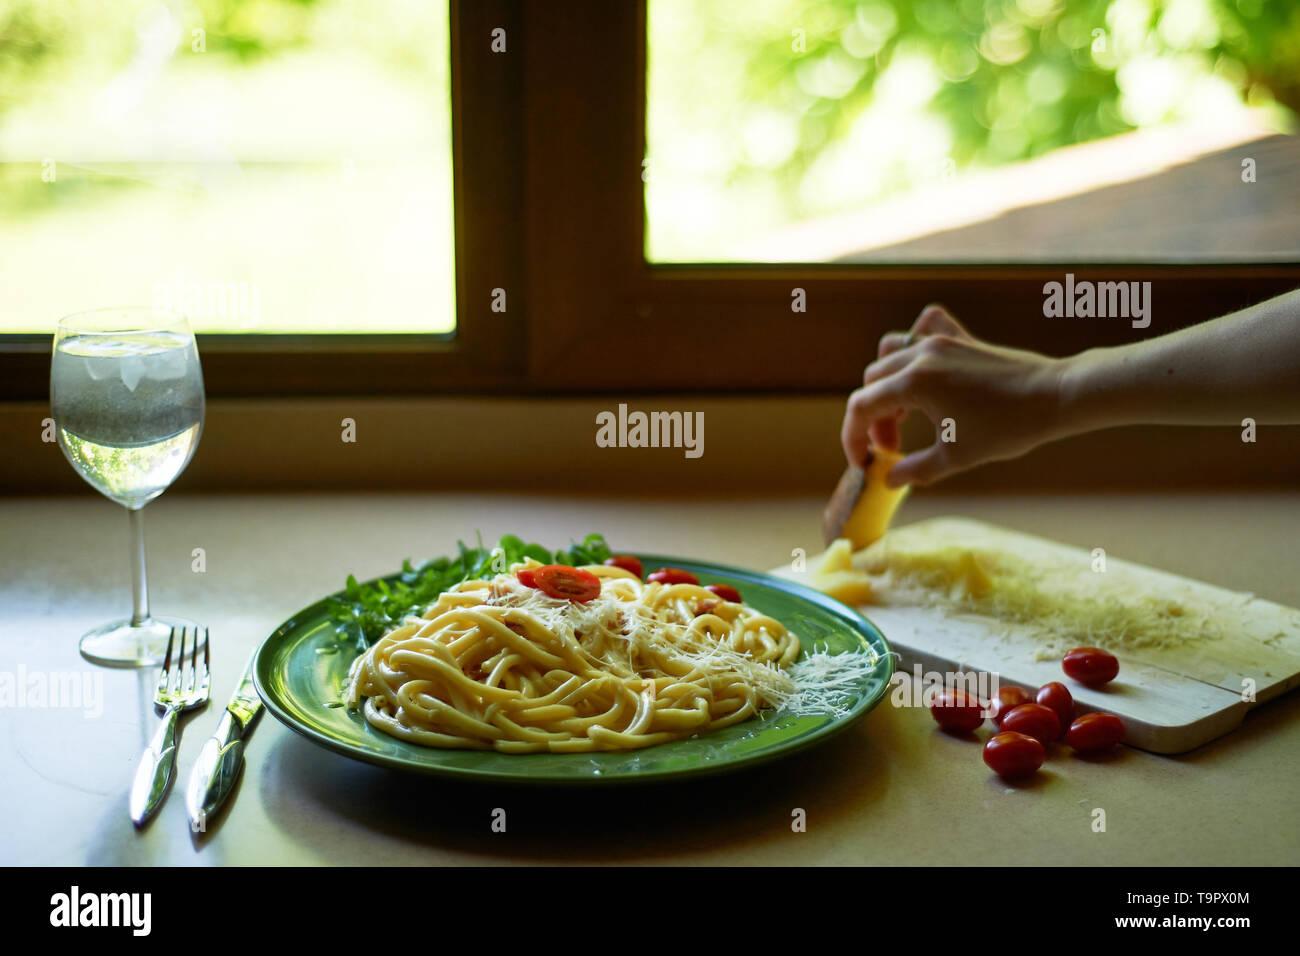 Pasta Carbonara mit geriebenem Parmesan und Cherry Tomaten, dekoriert mit Rucola. italienischen Mittagessen. Die Hand einer Frau setzt ein Stück Käse. Stockbild